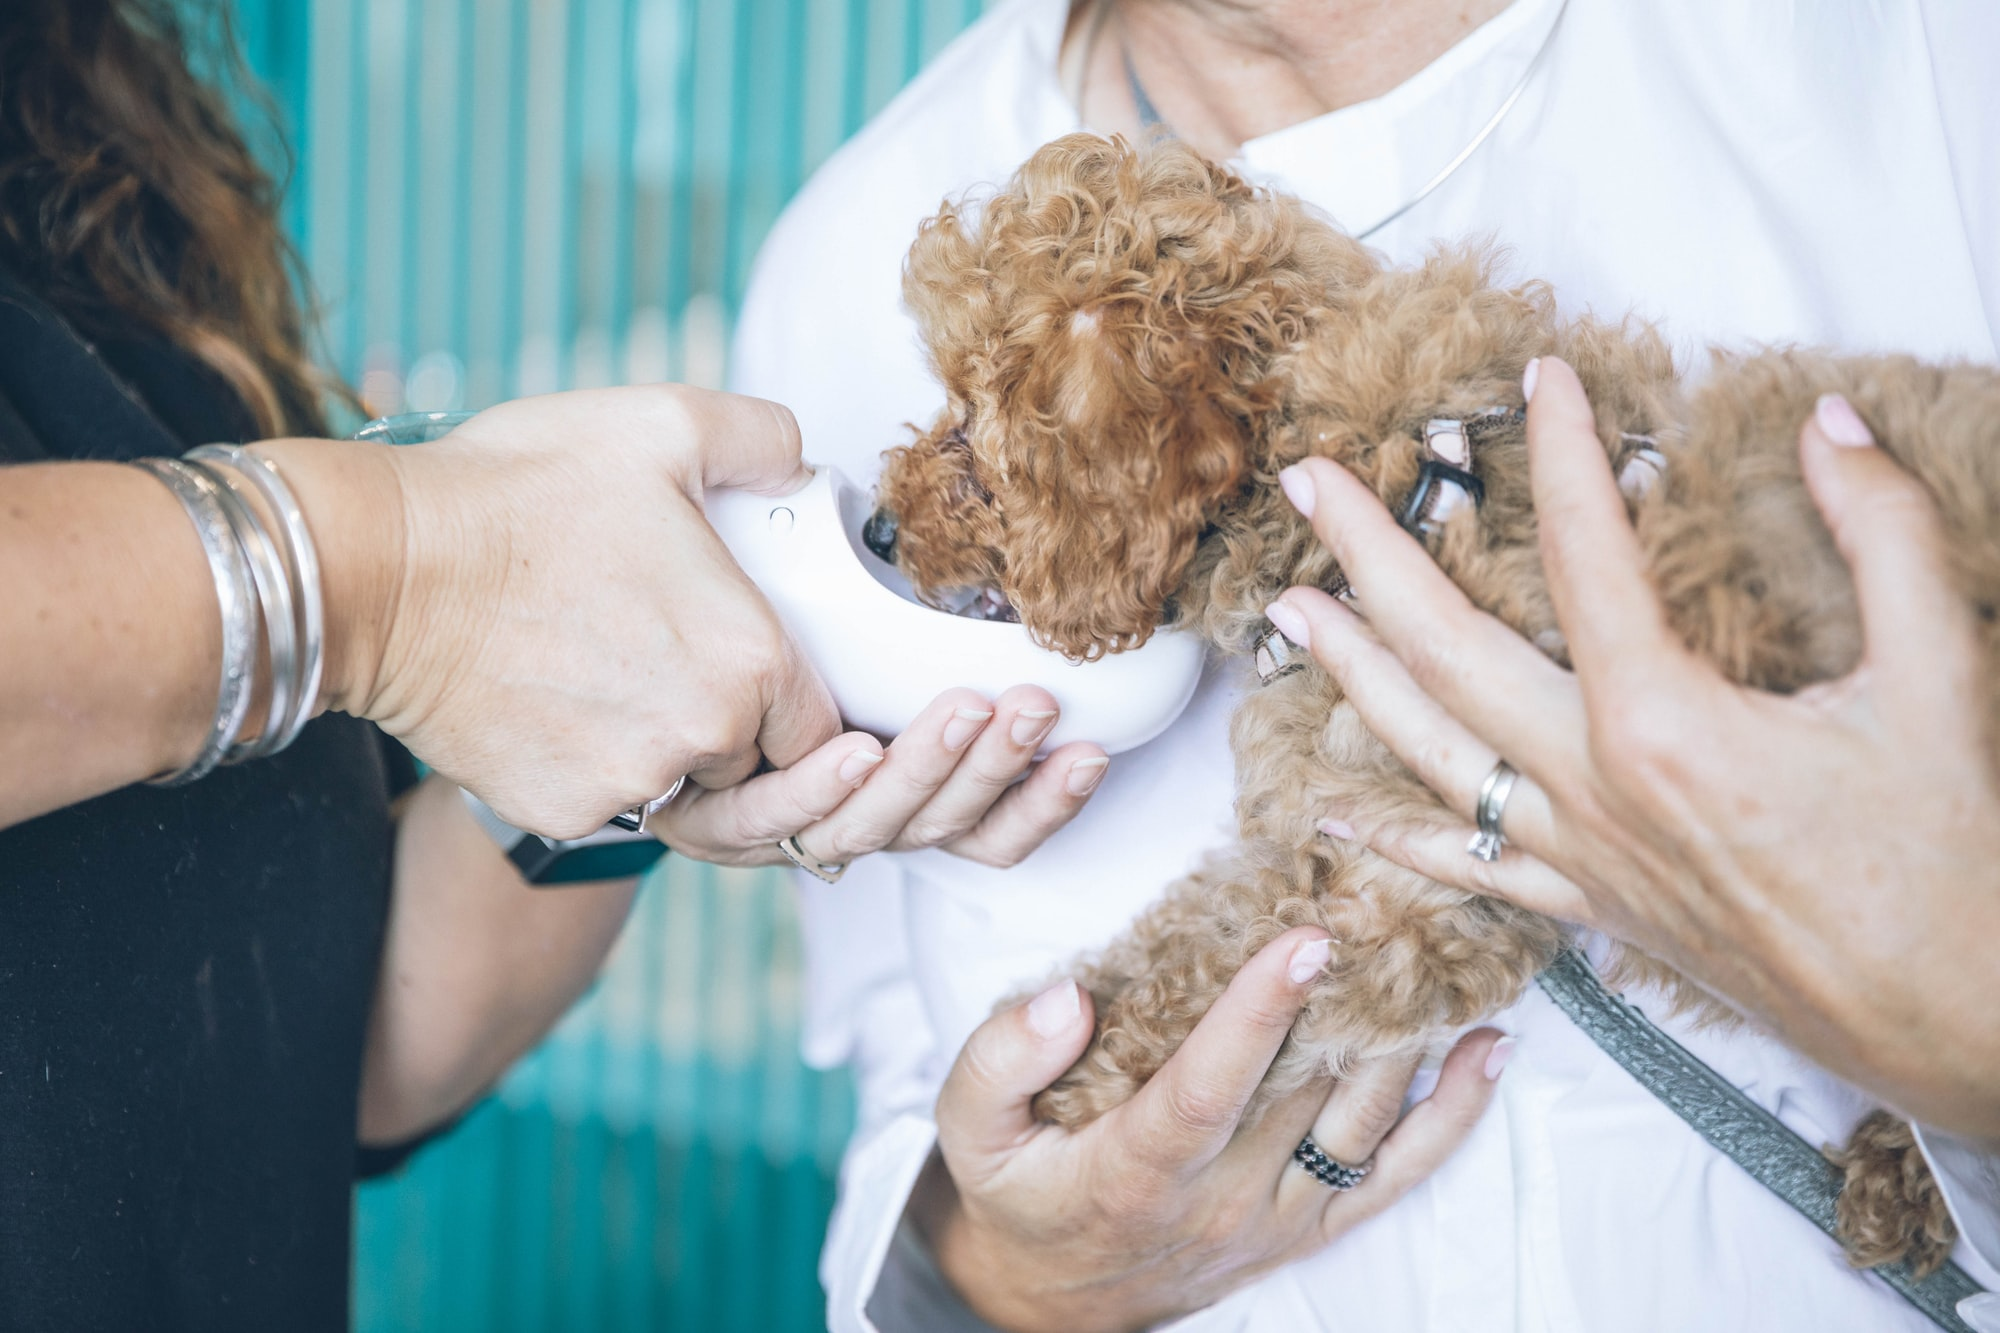 Cosa deve contenere un kit di pronto soccorso per cani?